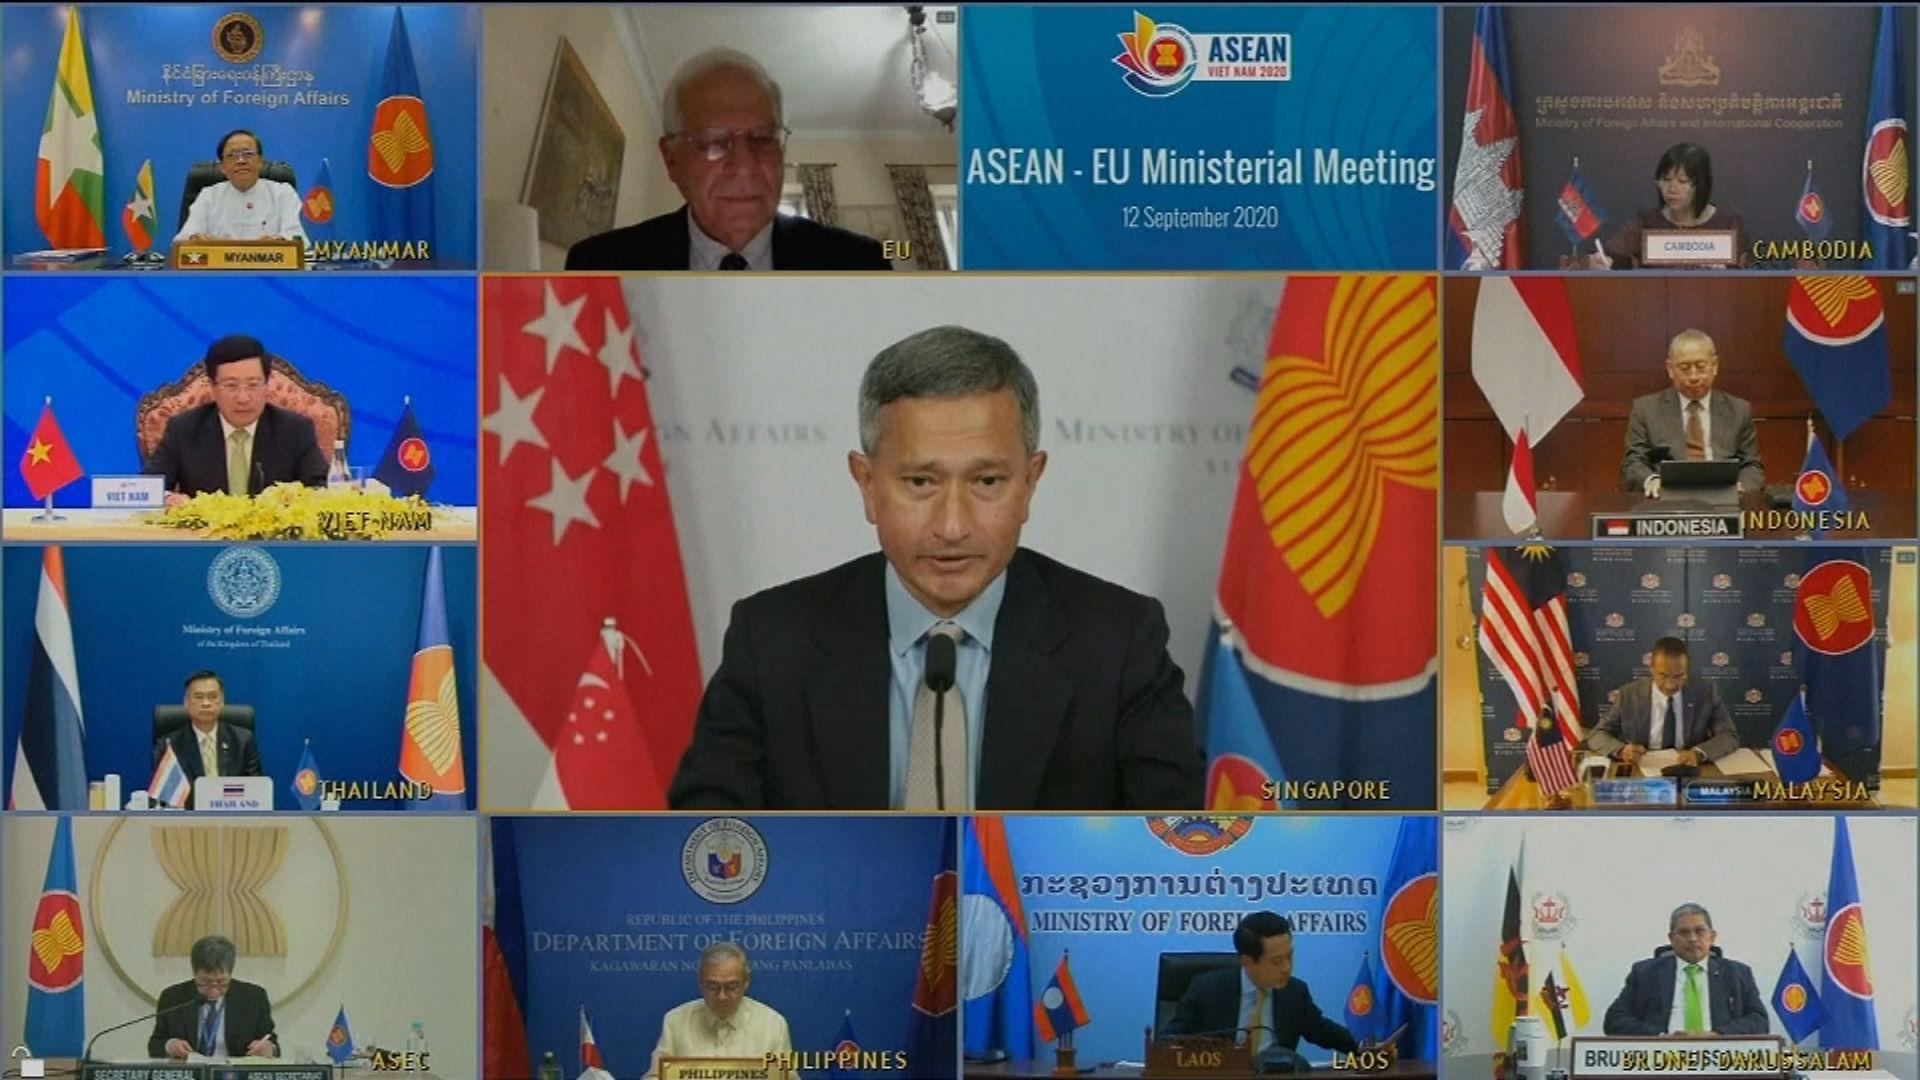 緬甸特使人選成東盟外長會議焦點